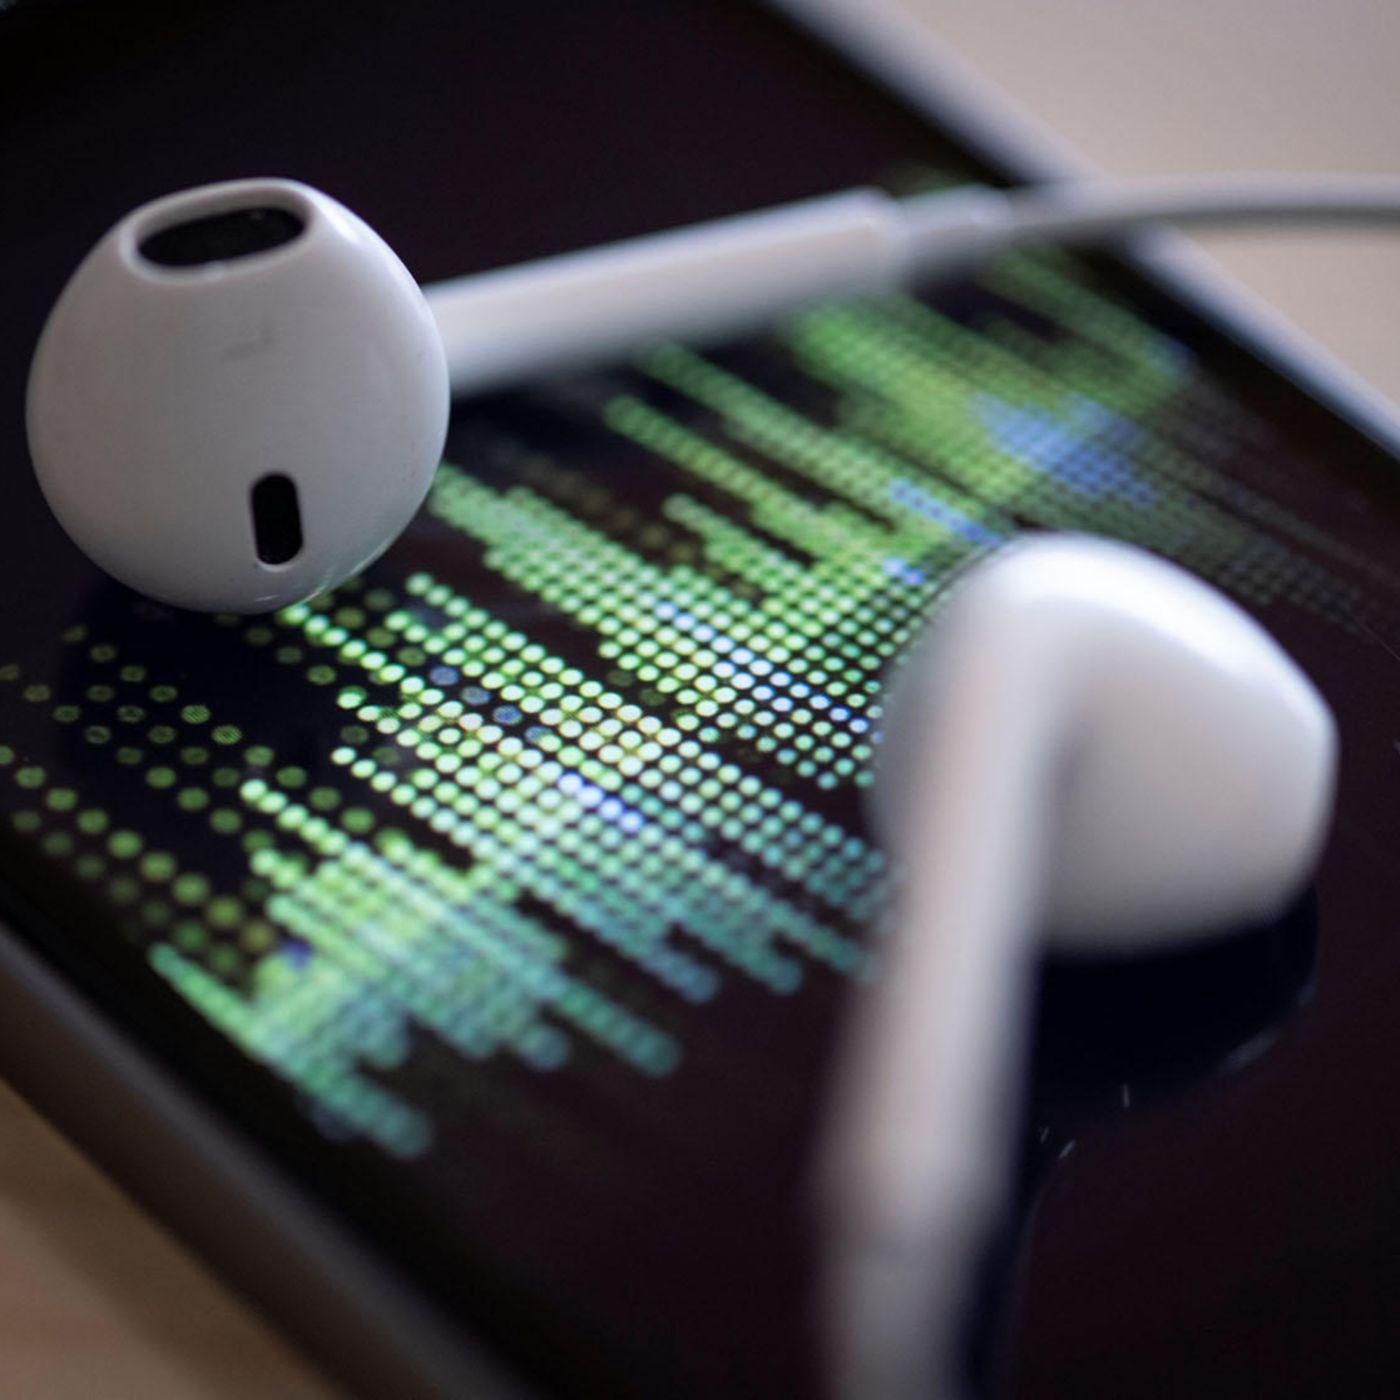 Il 30 settembre è la giornata mondiale del podcast, una sintesi della sua storia